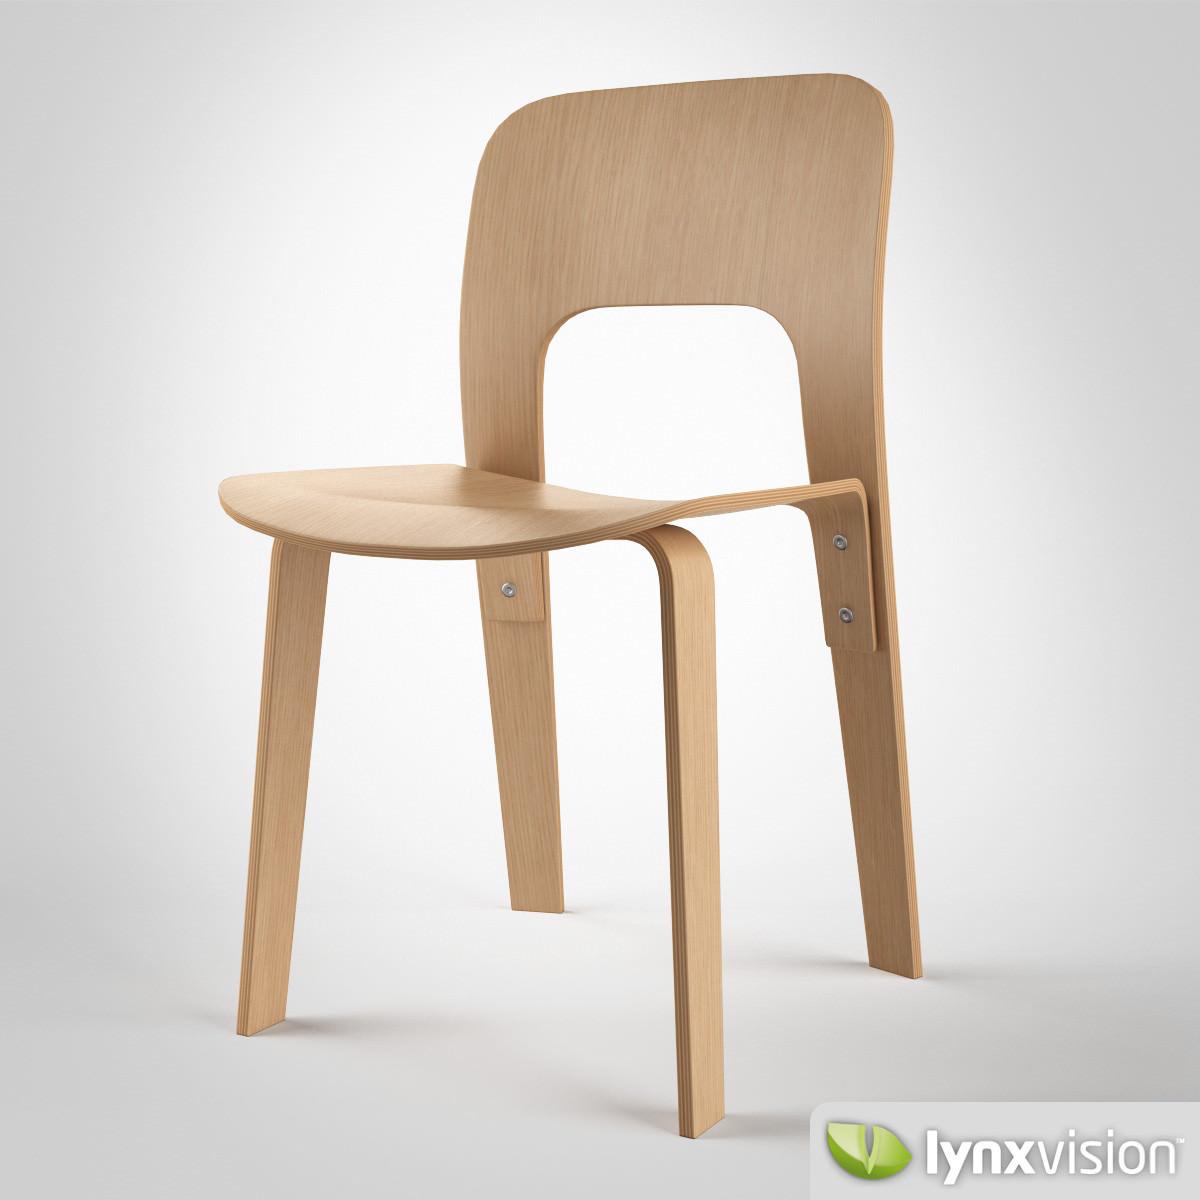 chair 2944 20 by jasper morrison 3d model max obj fbx. Black Bedroom Furniture Sets. Home Design Ideas